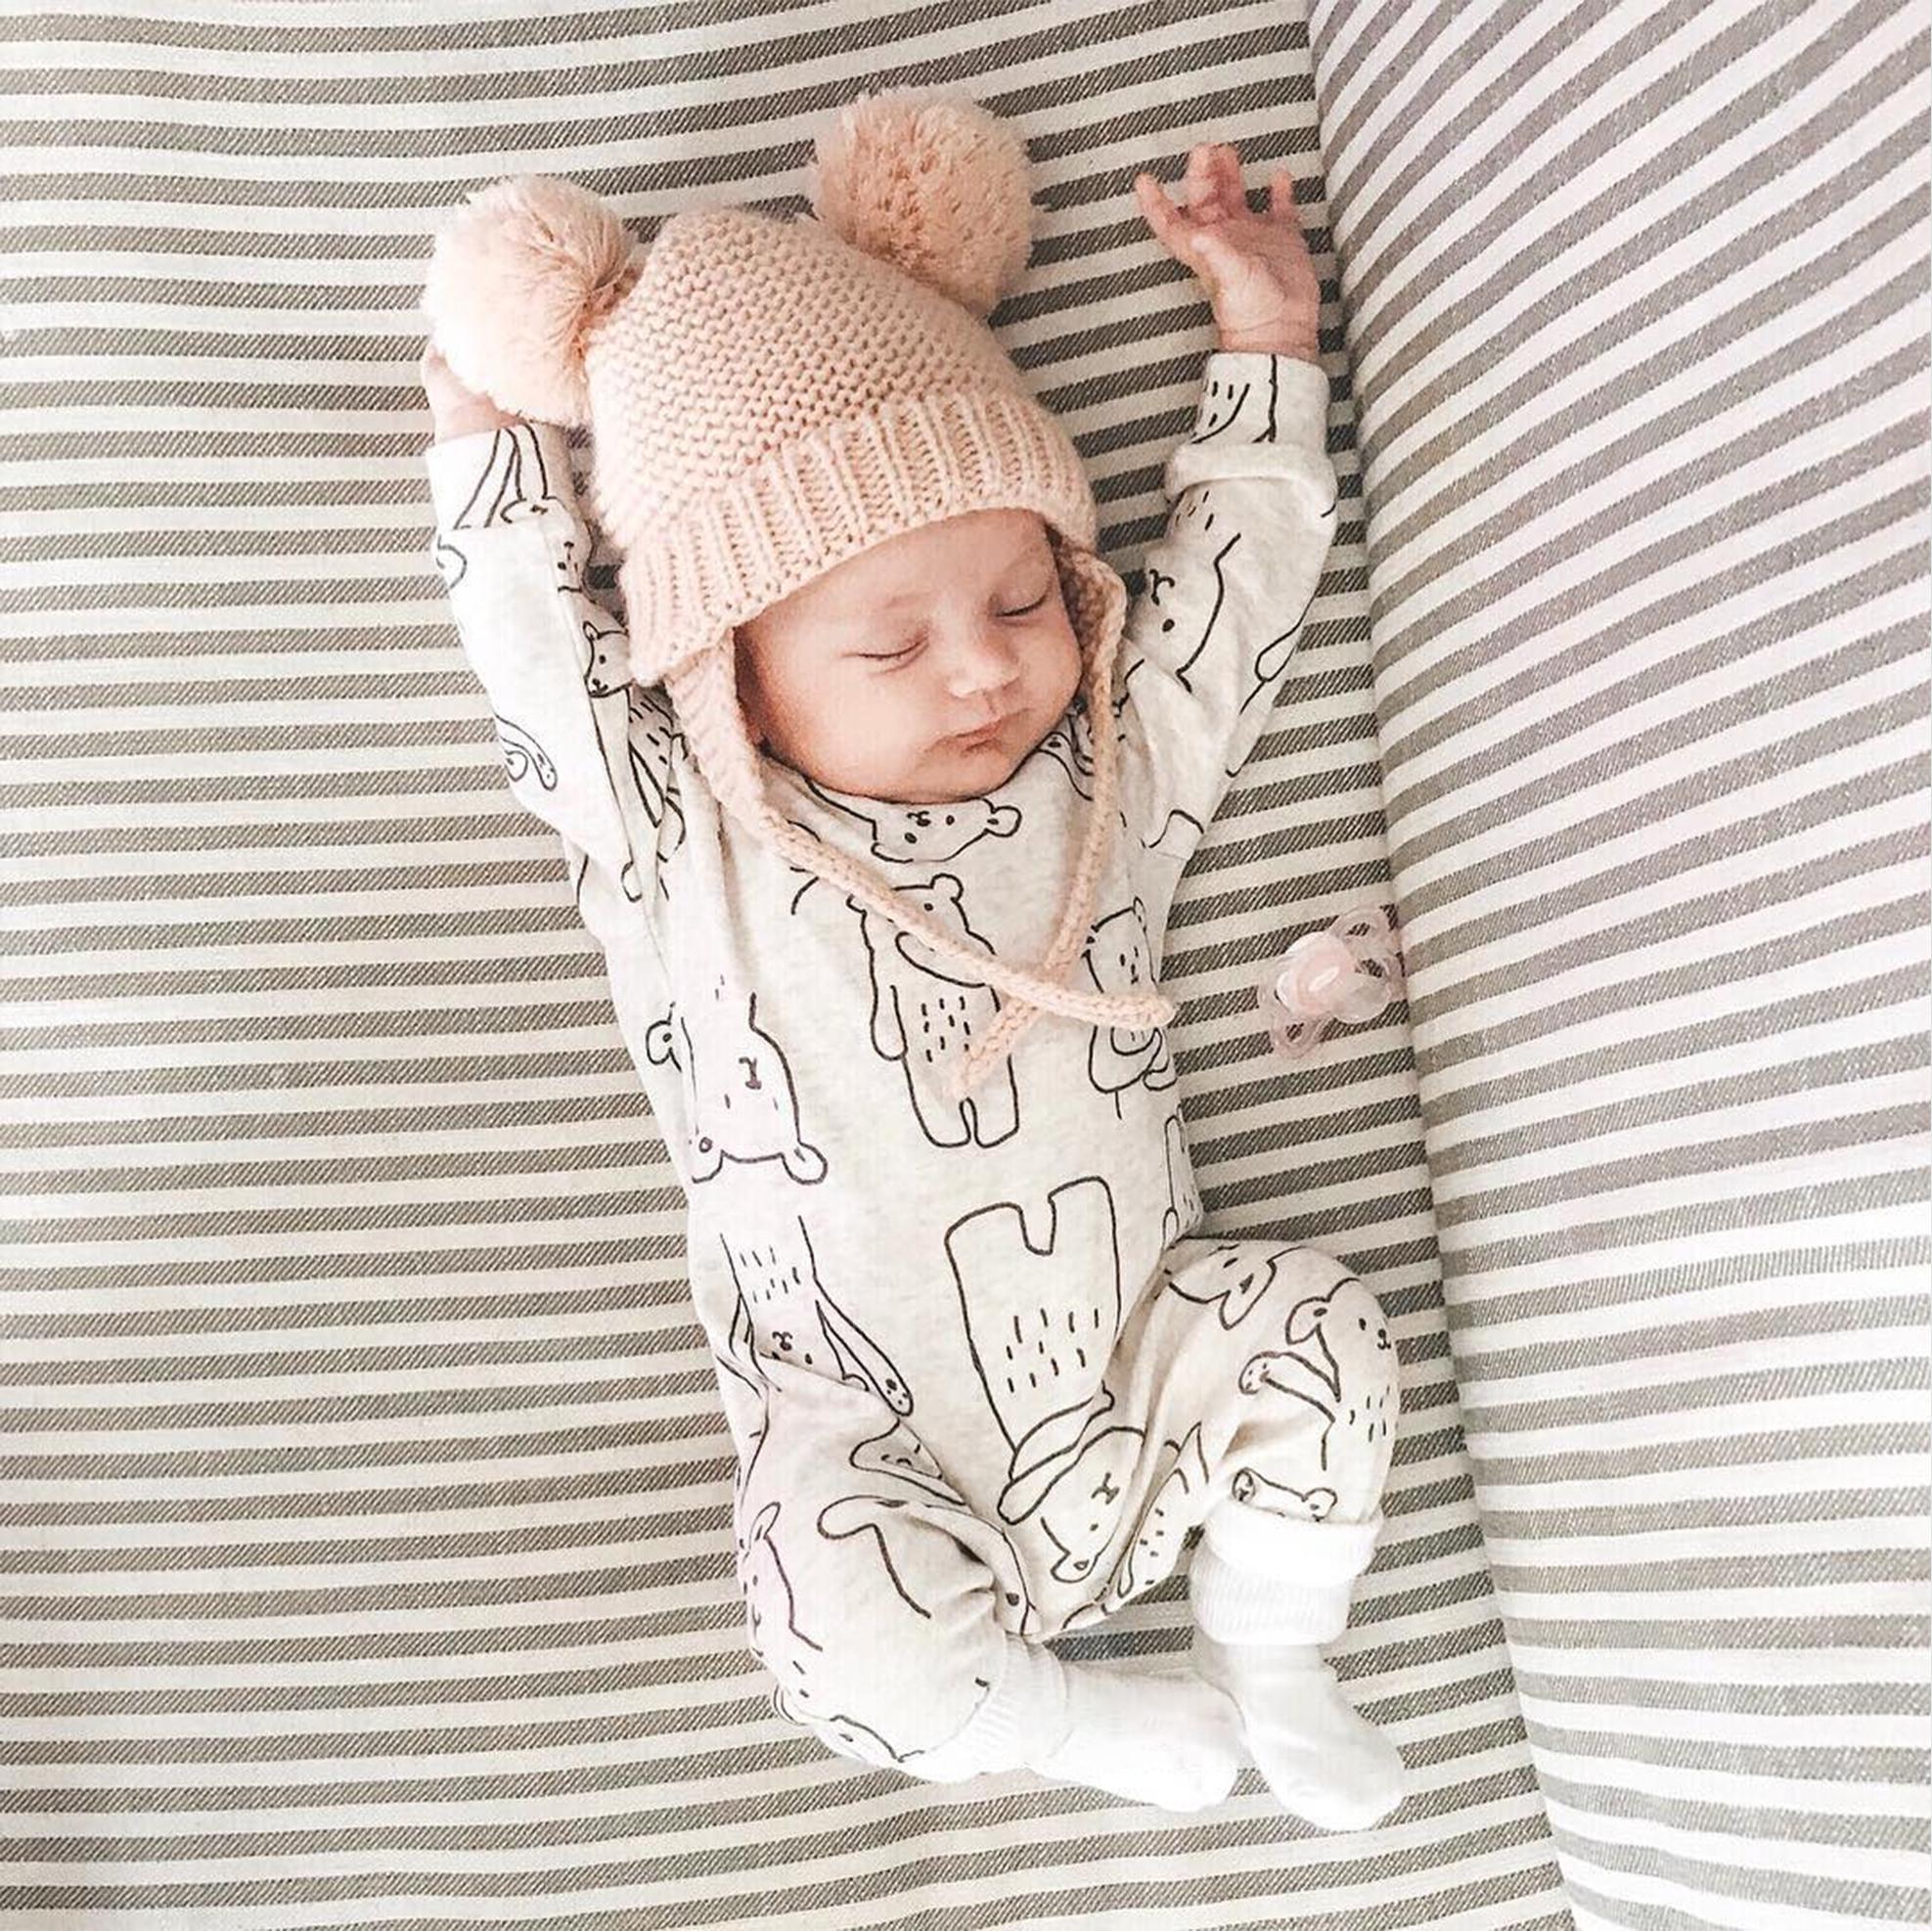 ins围巾小熊 宝宝纯棉保暖秋冬加厚连体衣婴儿外出长袖哈衣爬爬服